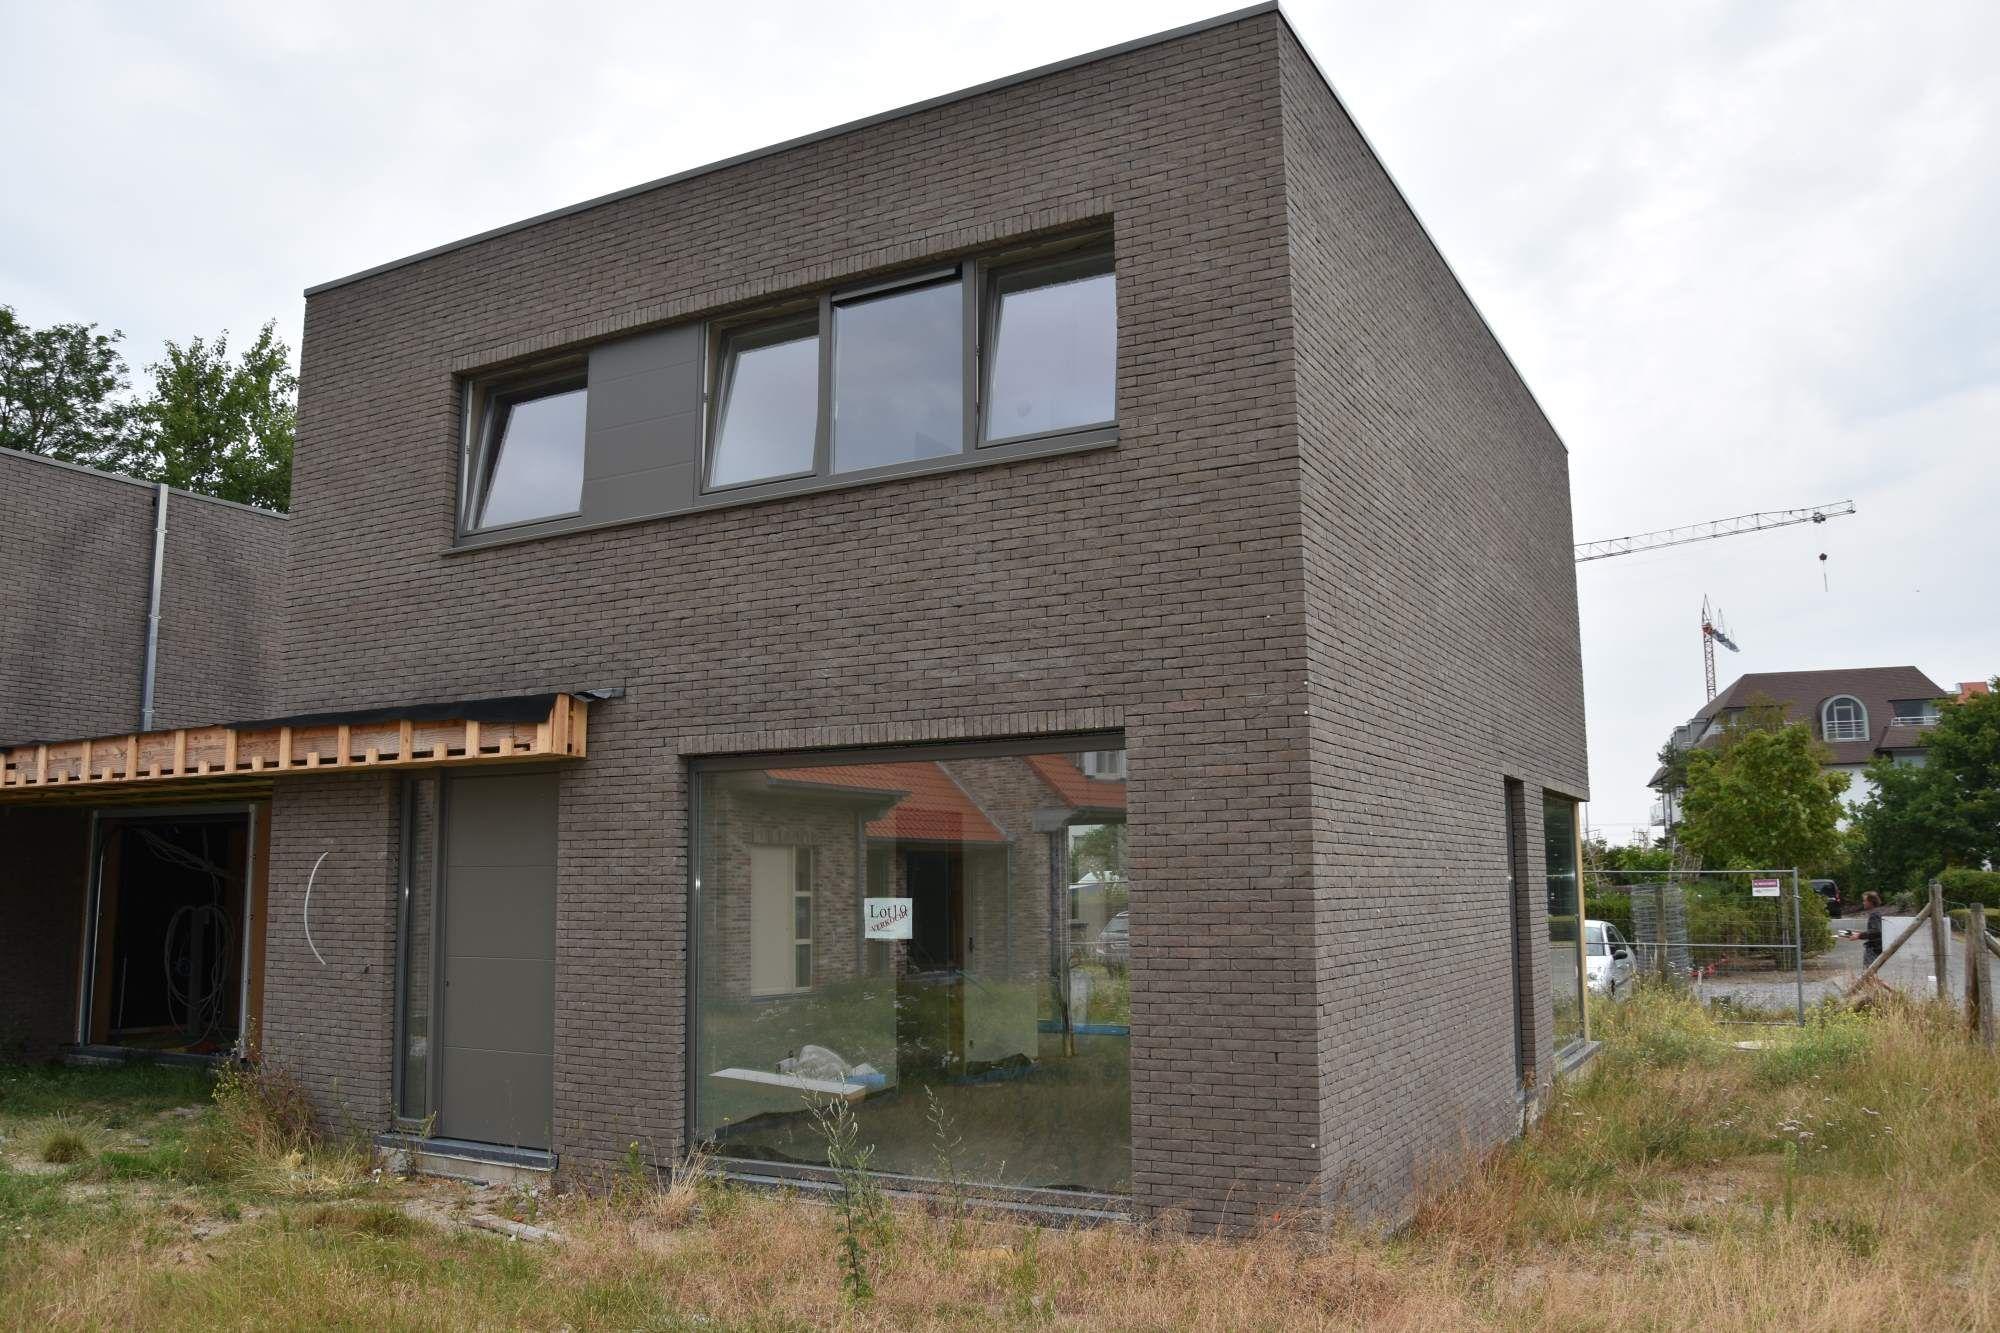 Nieuwbouwvilla's in de Simli wijk van Nieuwpoort - 6147